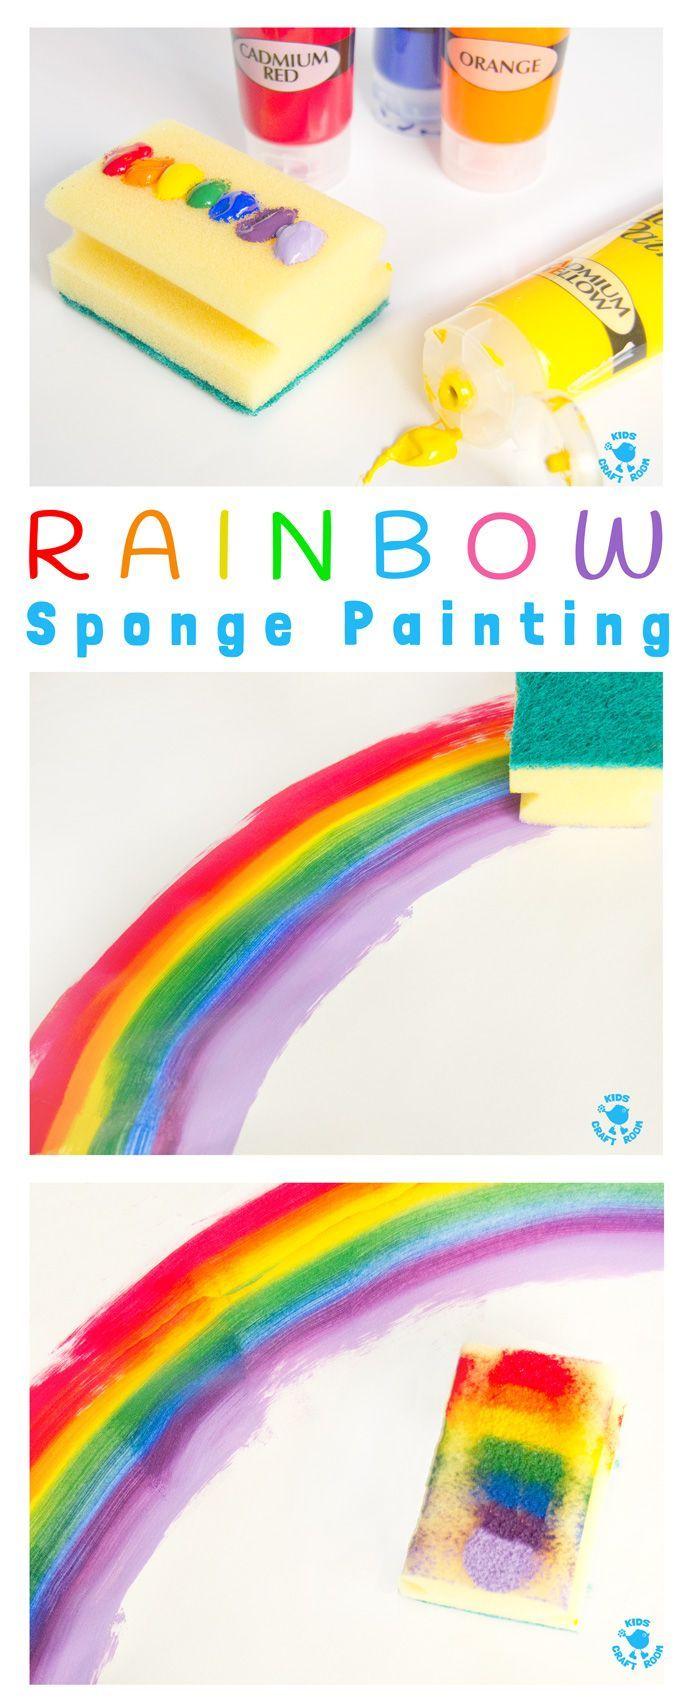 Rainbow sponge painting fr hlingsbasteln pinterest kinder kunst und basteln - Fruhlingsbasteln kindergarten ...